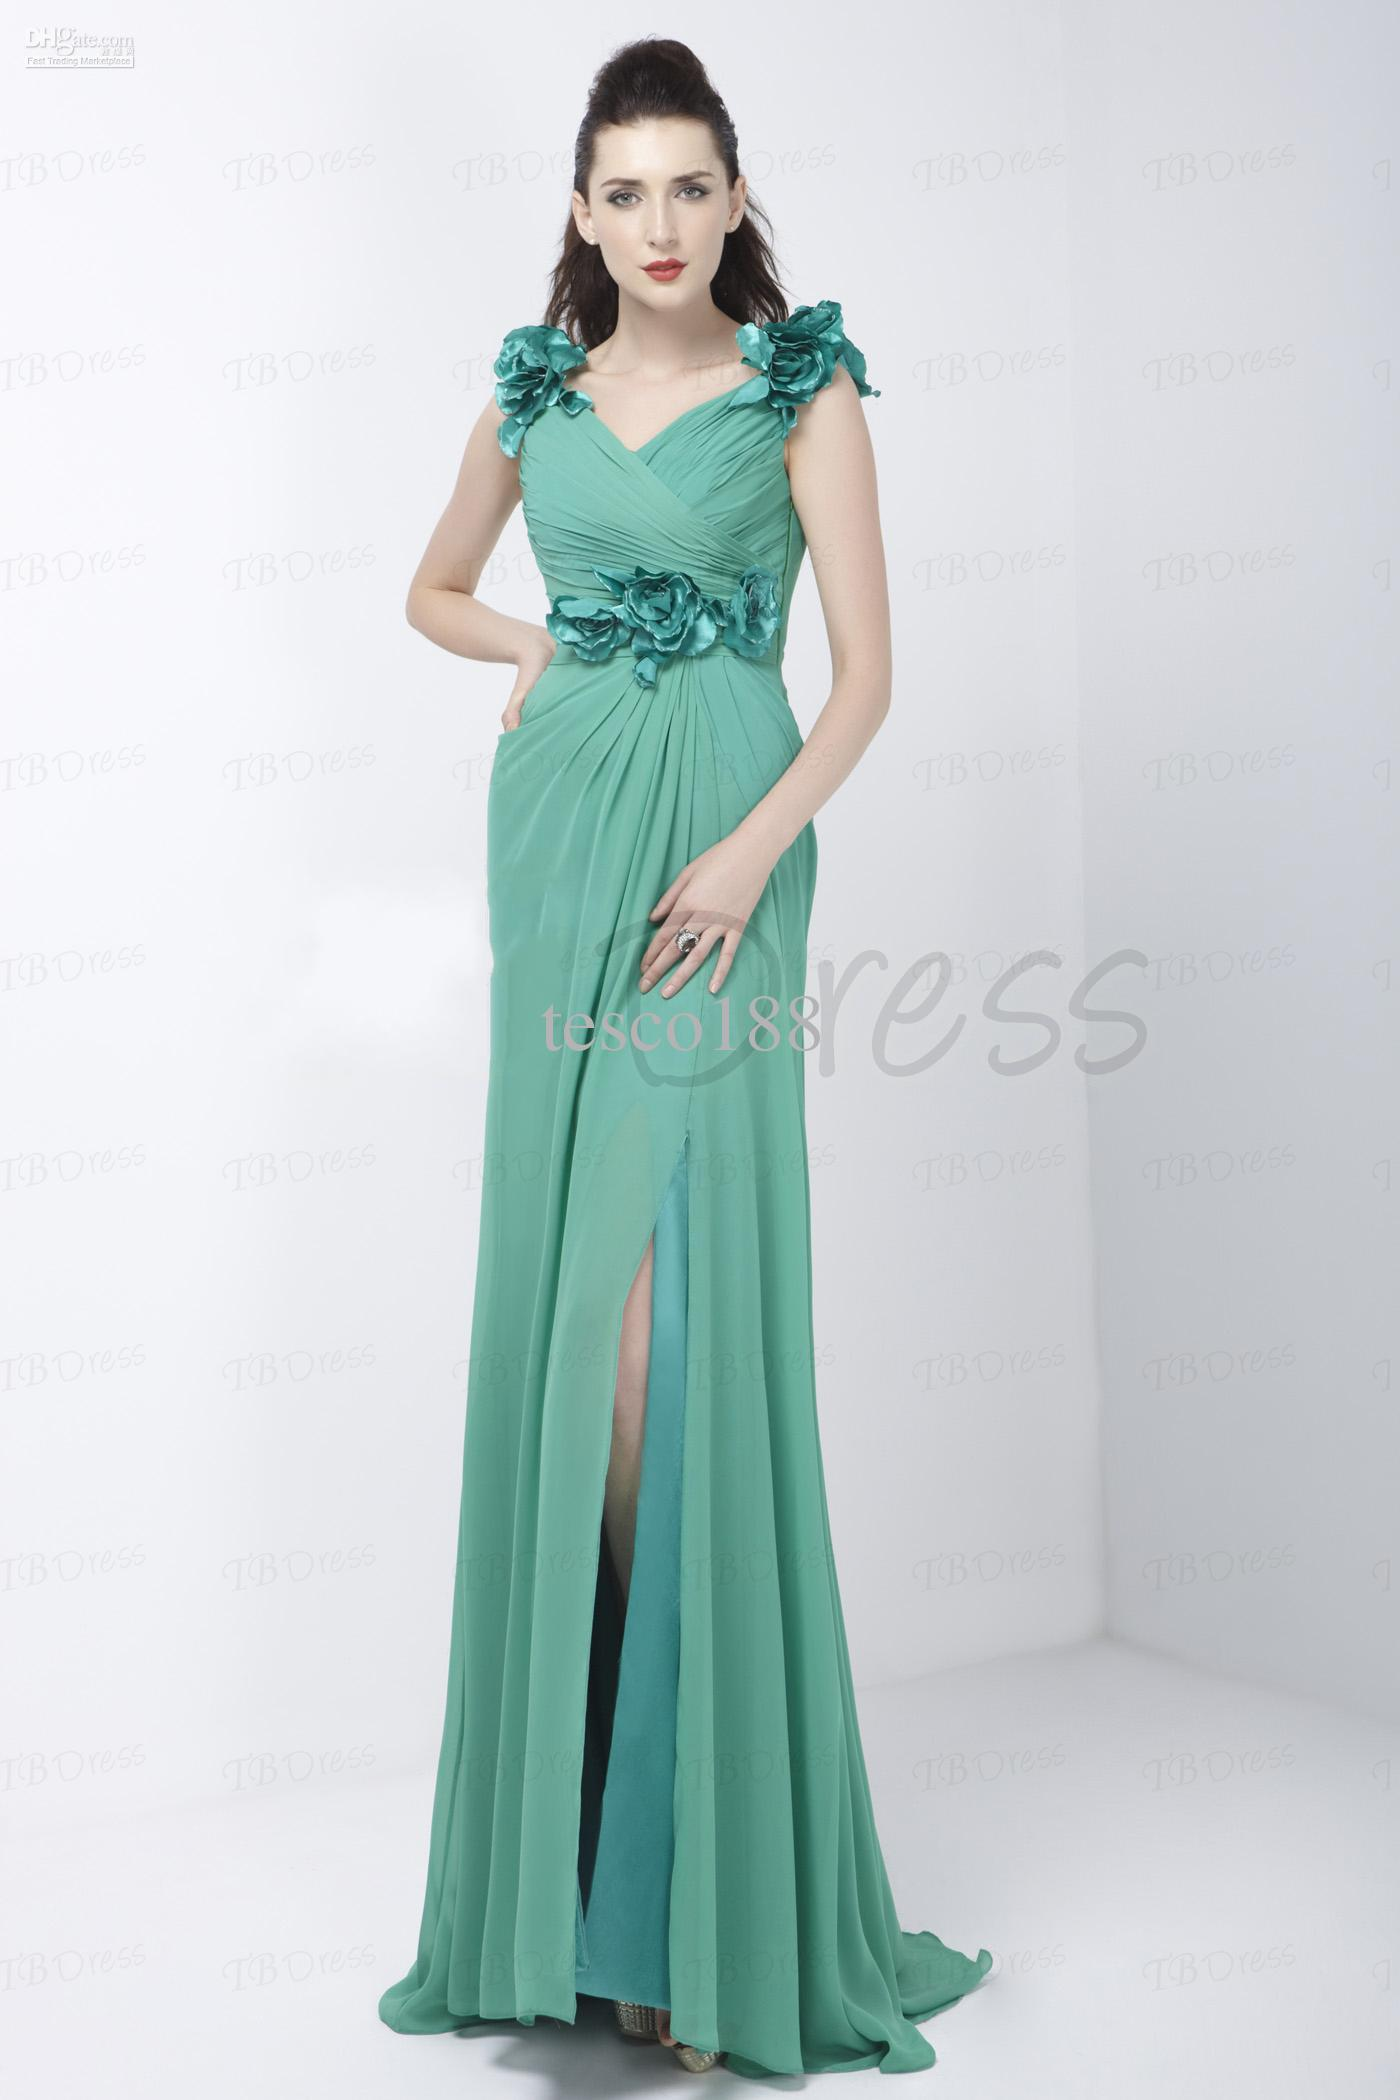 2015 Custom Elegant A-Line V-Ausschnitt bodenlangen verschütteten-Front Chiffon Alex Abendkleid